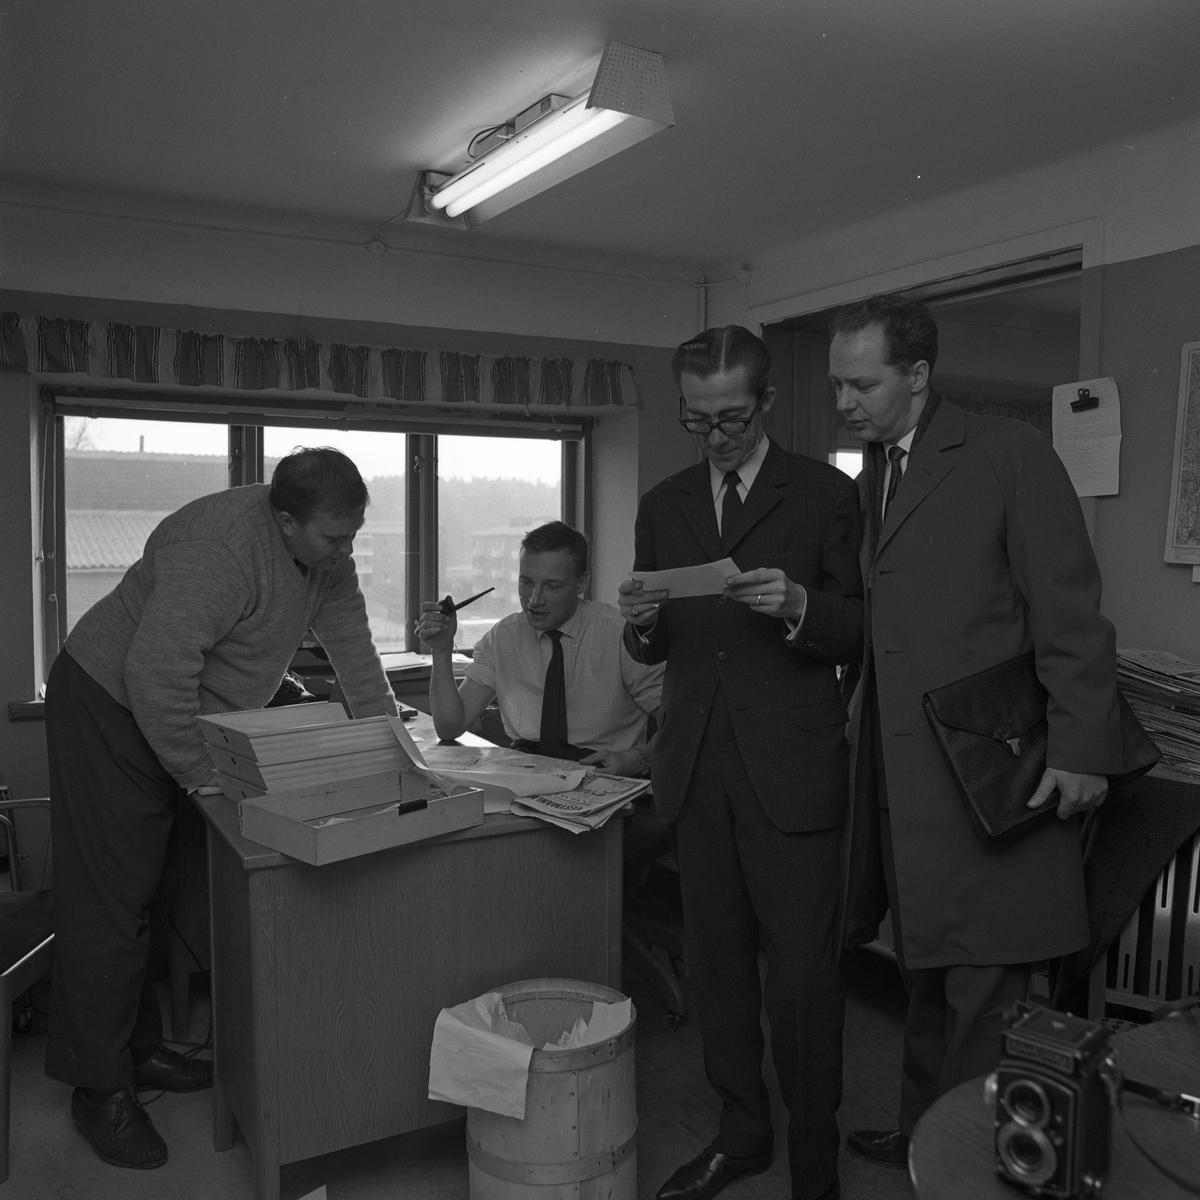 Arboga Tidning, personal och interiör. Fyra män ses i rummet. Två män er på ett papper som den ene håller i. Mannen med papperet är klädd i kostrym och slips. Den andra mannen, Willy Johansson, har överrock och en portfölj under armen. I bakgrunden diskuterar två män. Den ene står lutad över skrivbordet, den andre sitter ner och har en pipa i handen. Kontoret ligger på andra våningen. Tidningsbuntar syns i bakgrunden. En papperskorg står på golvet. På bordet, i förgrunden står en kamera.